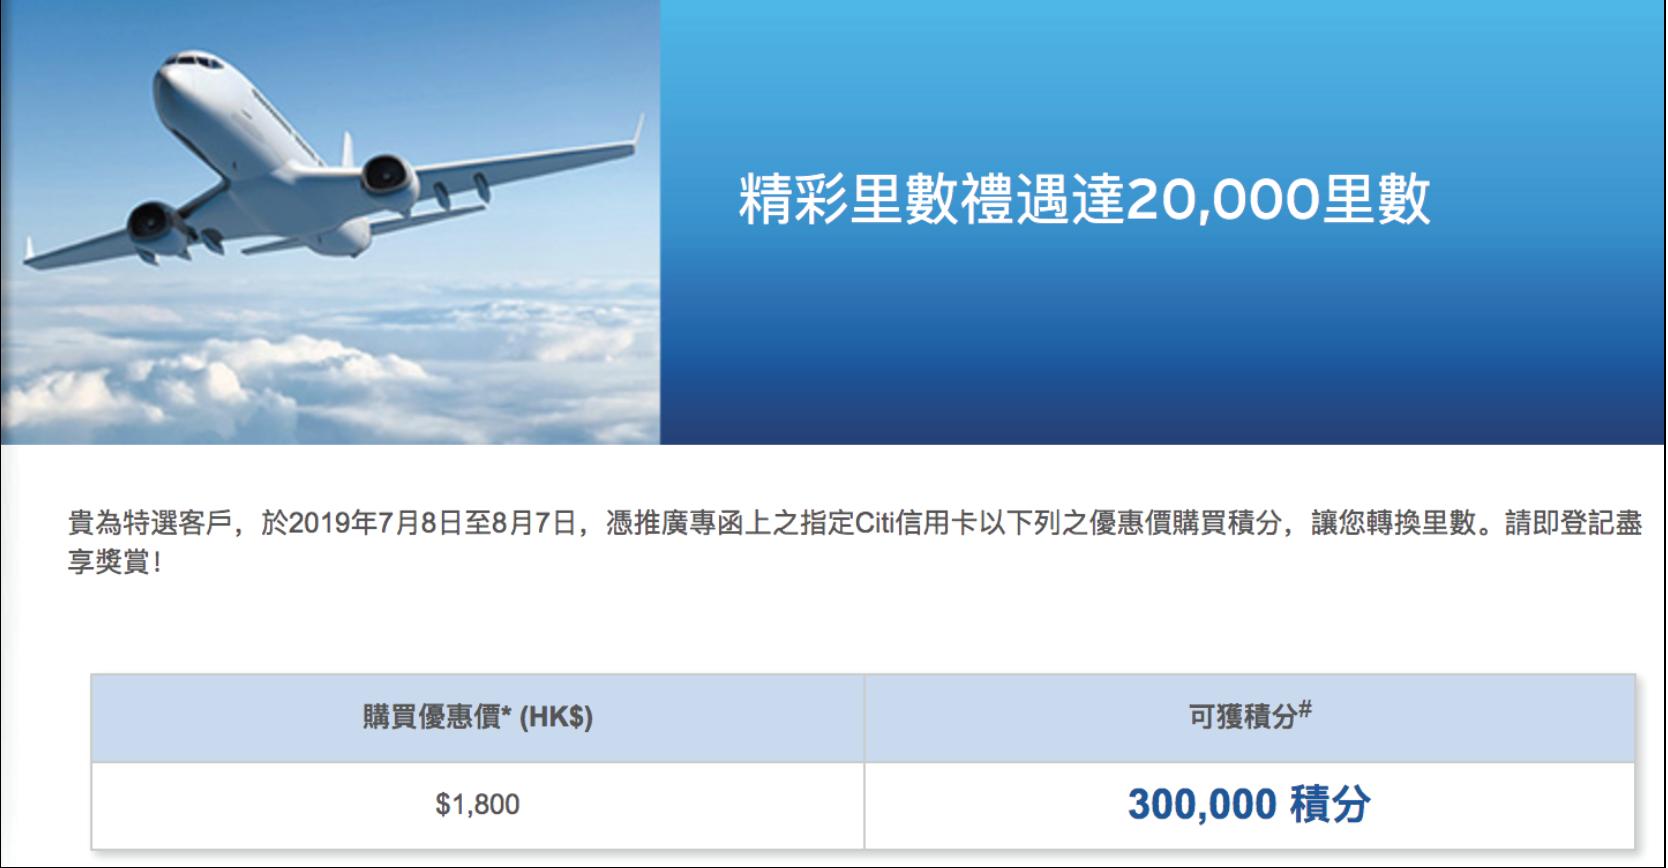 Citi 特選客戶買里數優惠!Citi Rewards卡$1,800賺買300,000積分 = 20,000里!